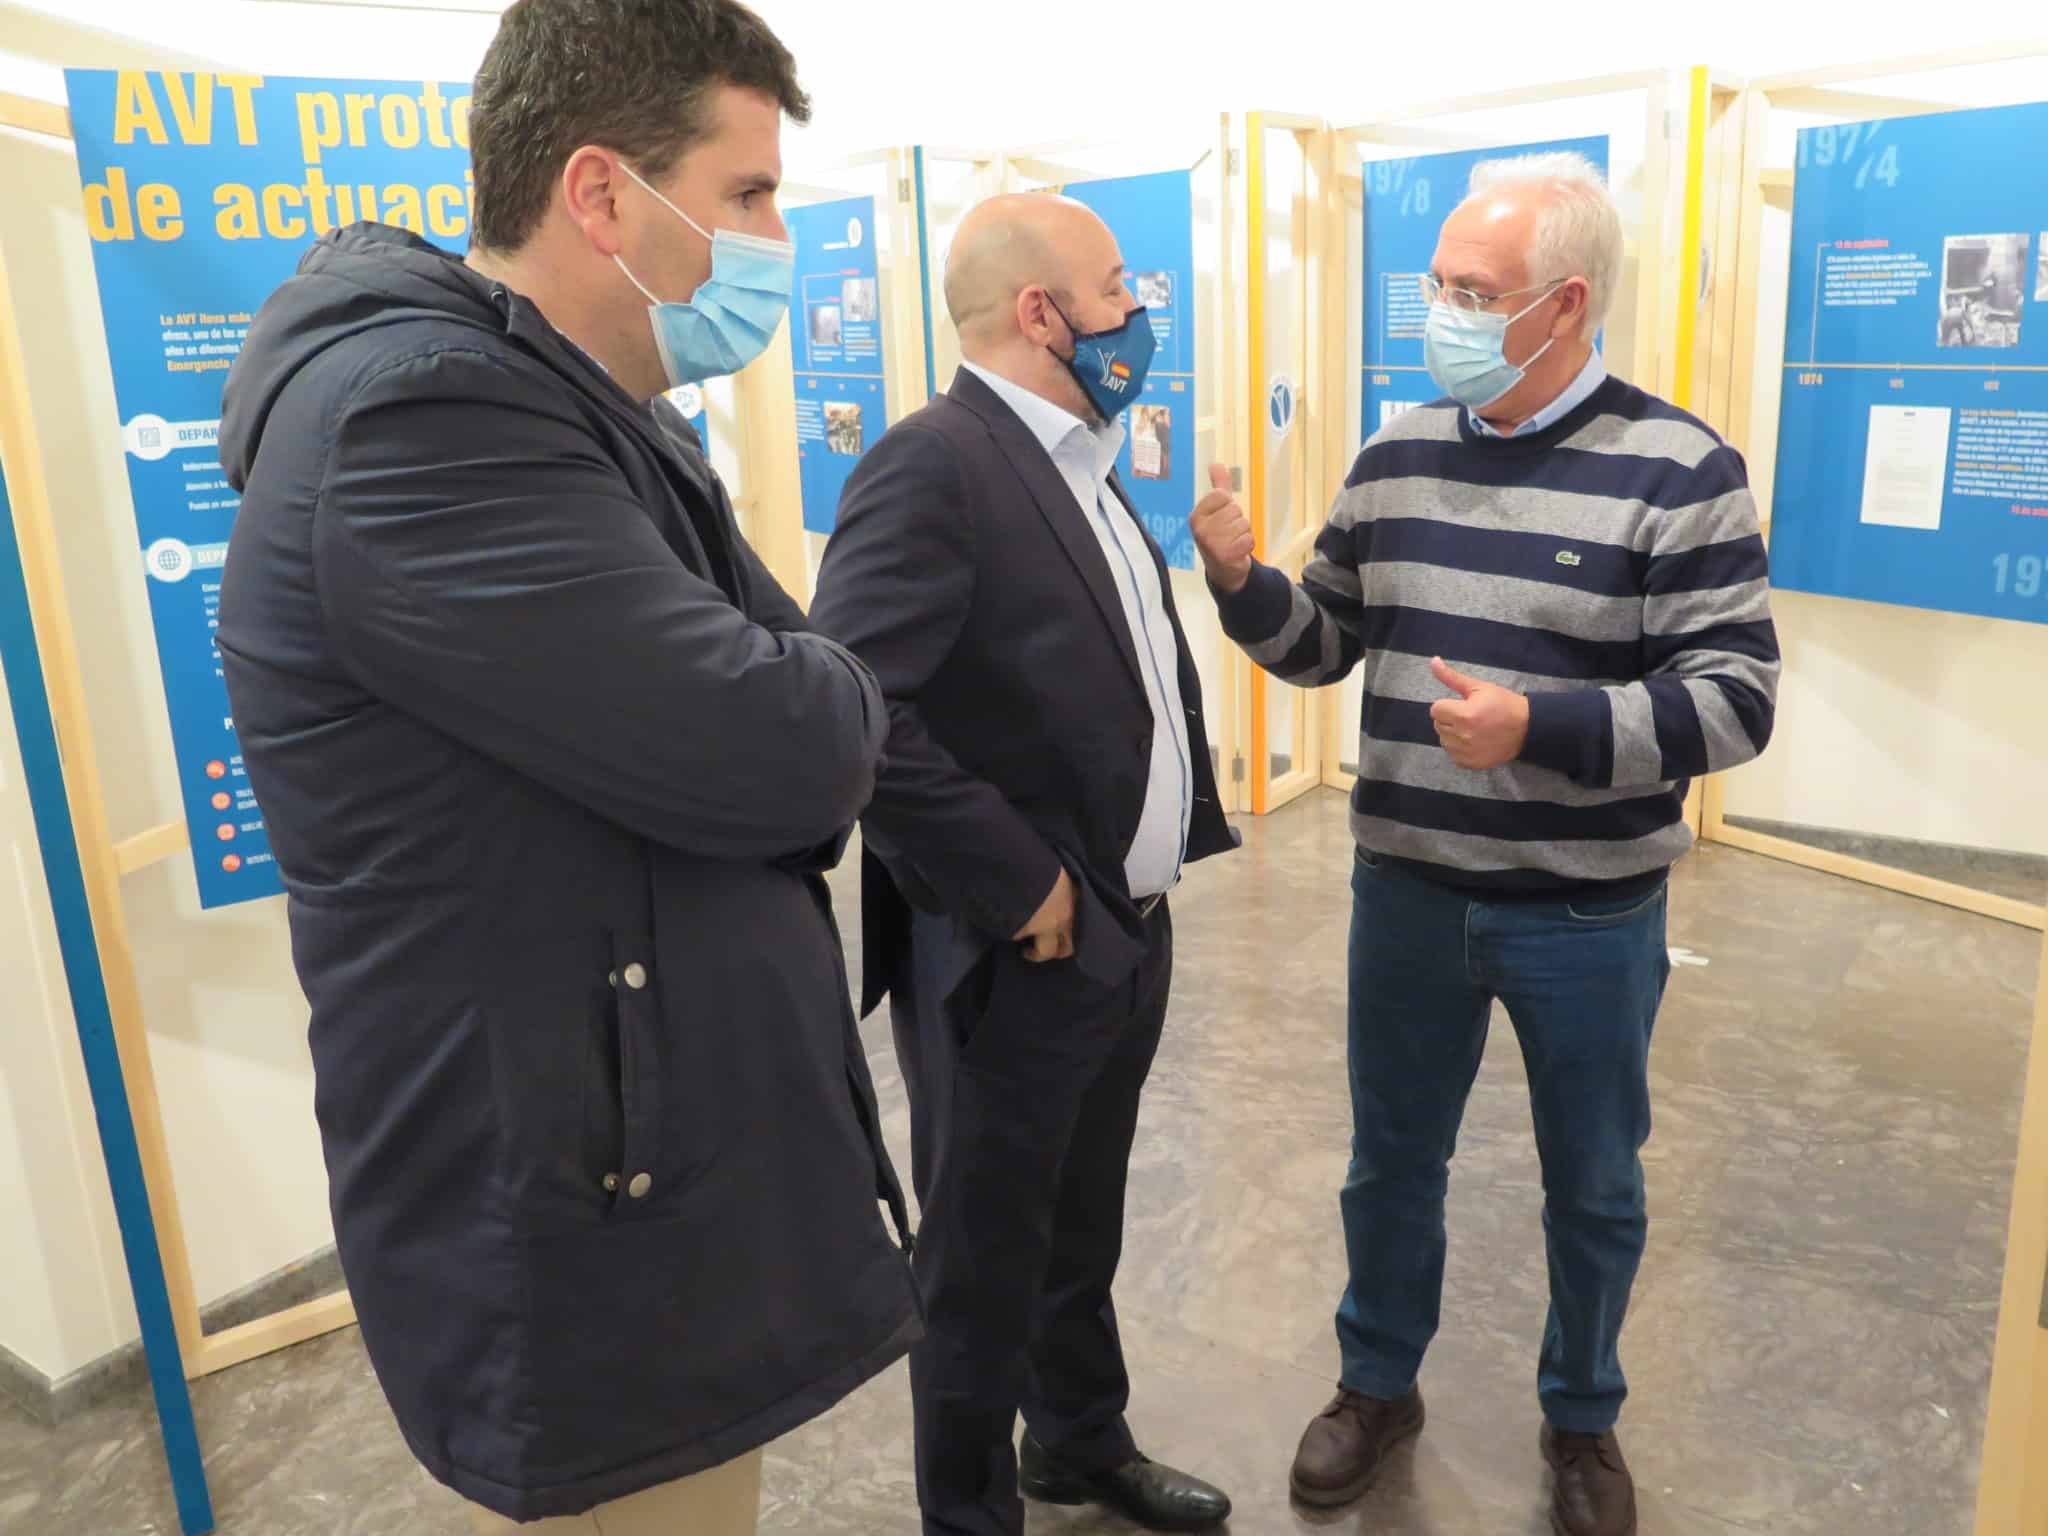 Ceniceros y Bengoa visitan la exposición 'Vivir sin miedo, vivir con memoria' organizada por la AVT 1